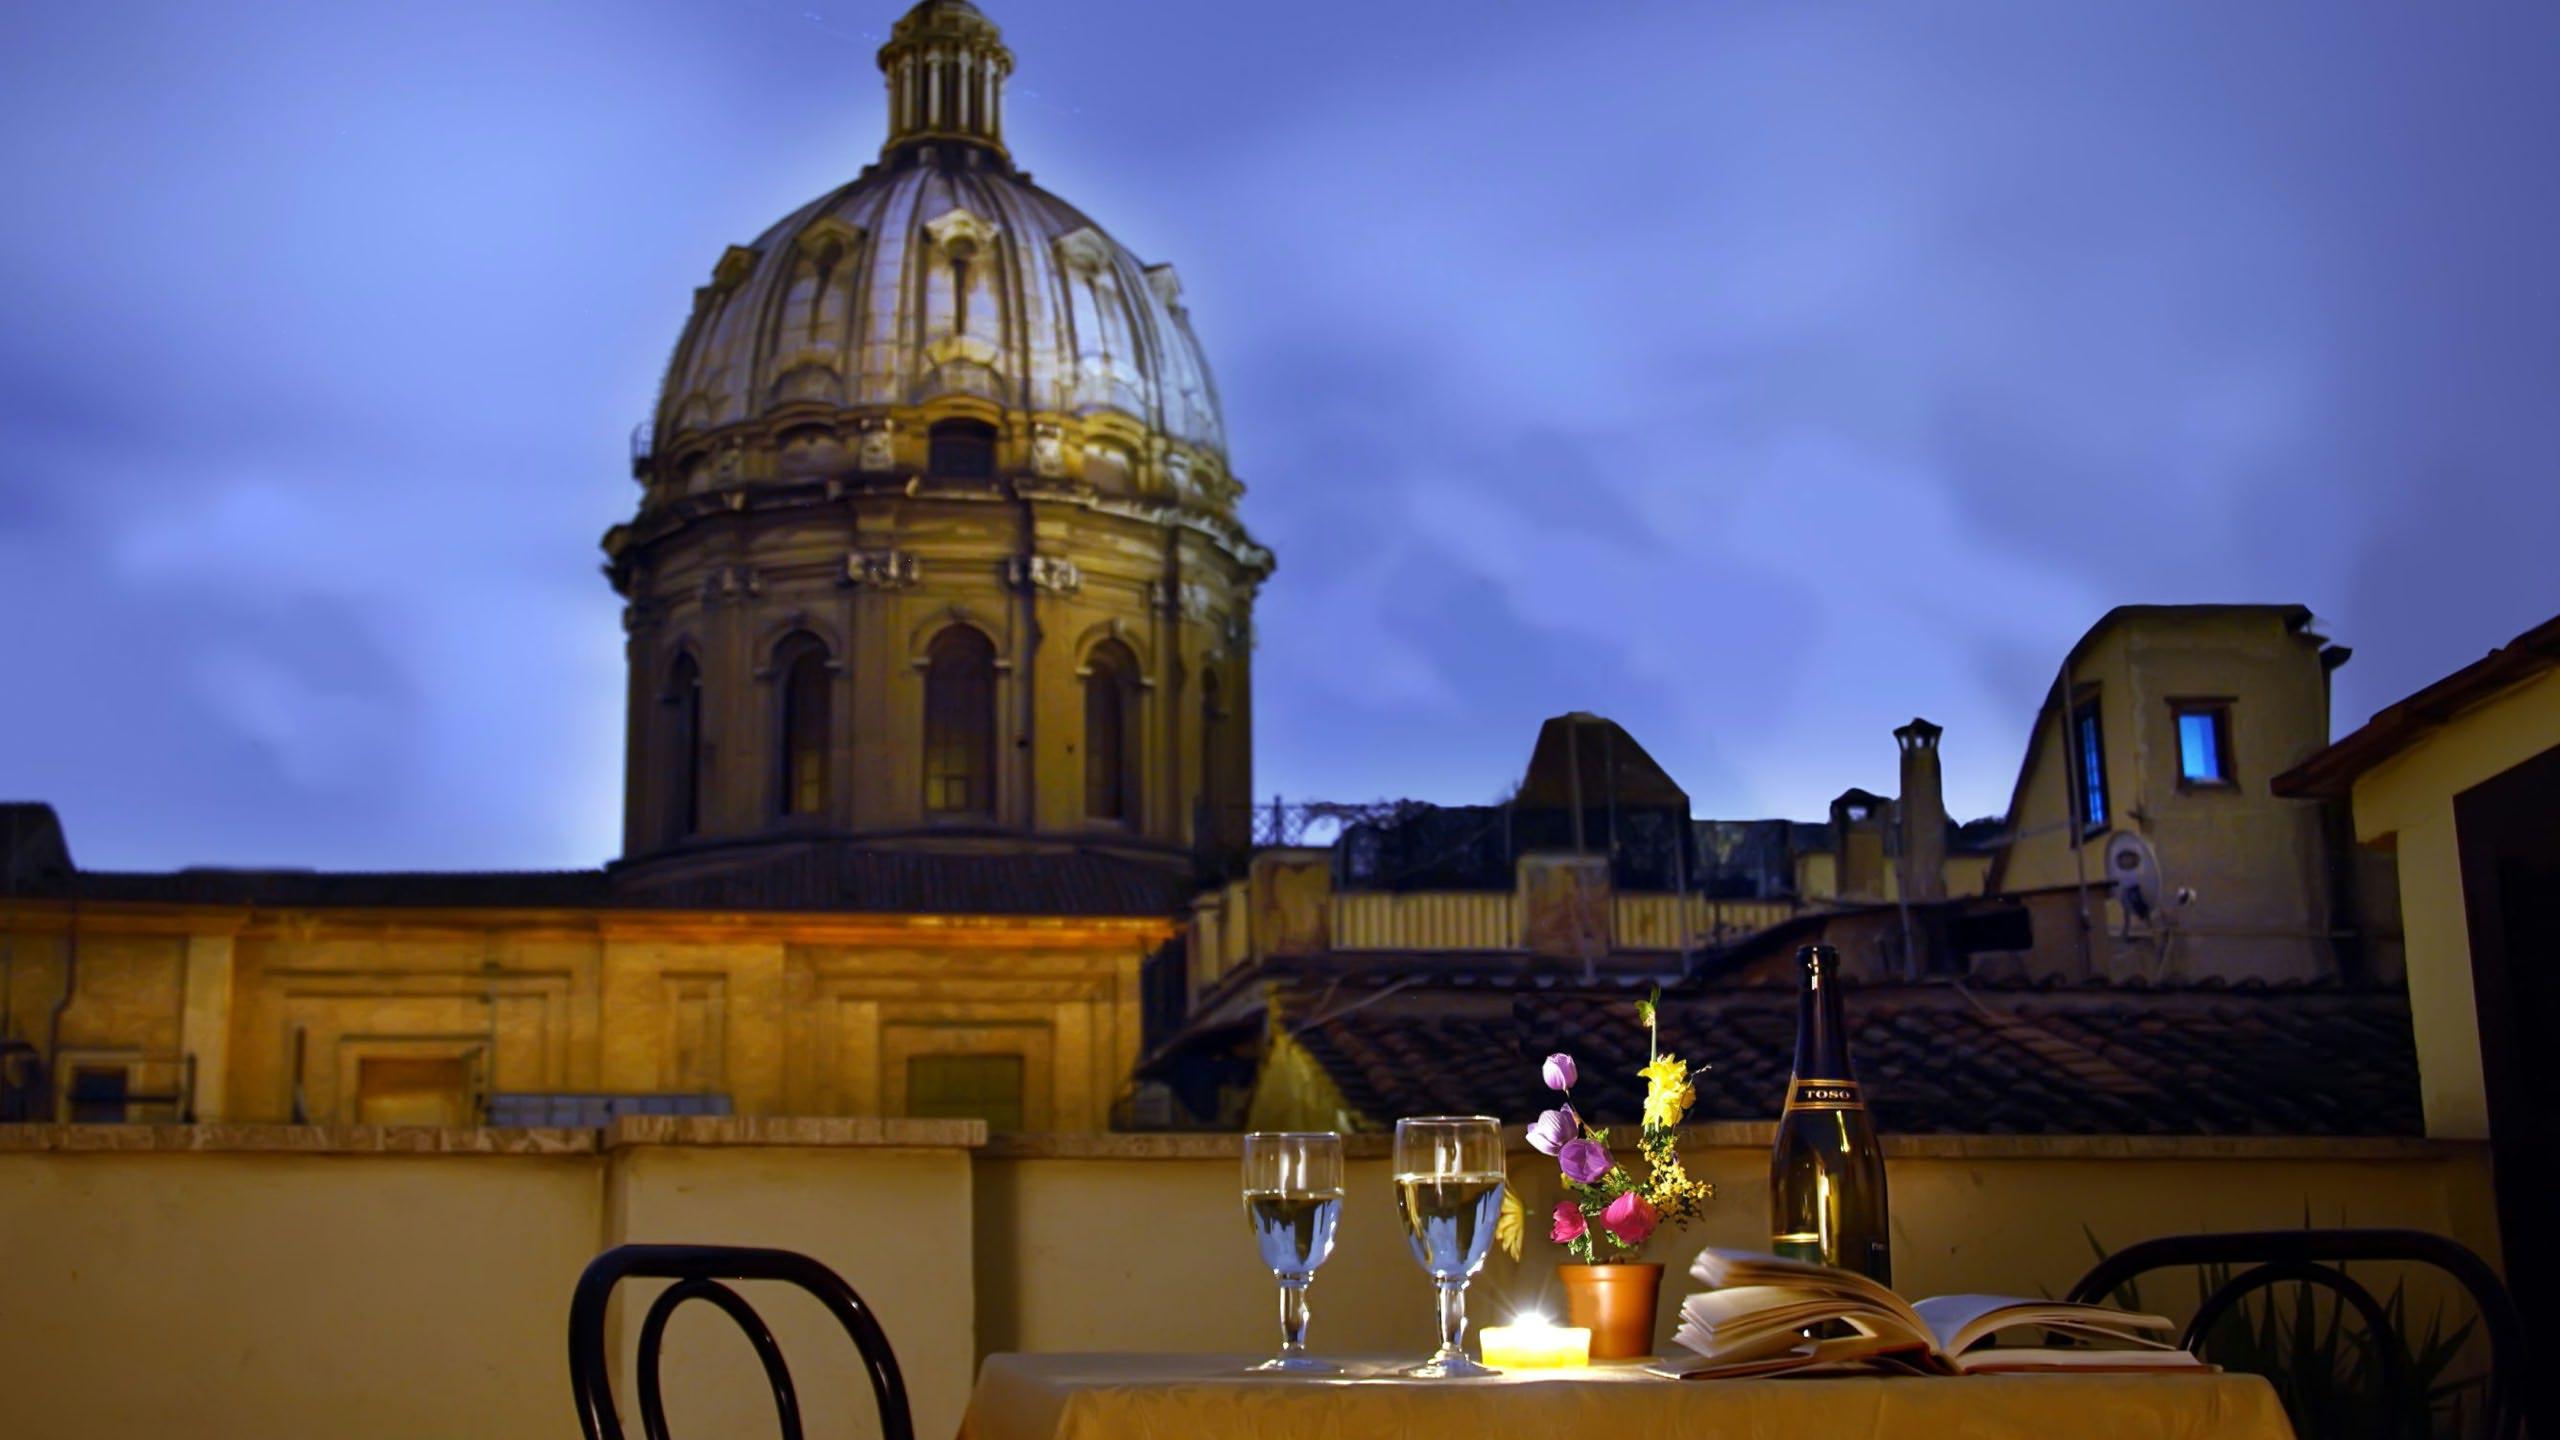 Hotel smeraldo roma sito ufficiale for Indirizzo camera dei deputati roma